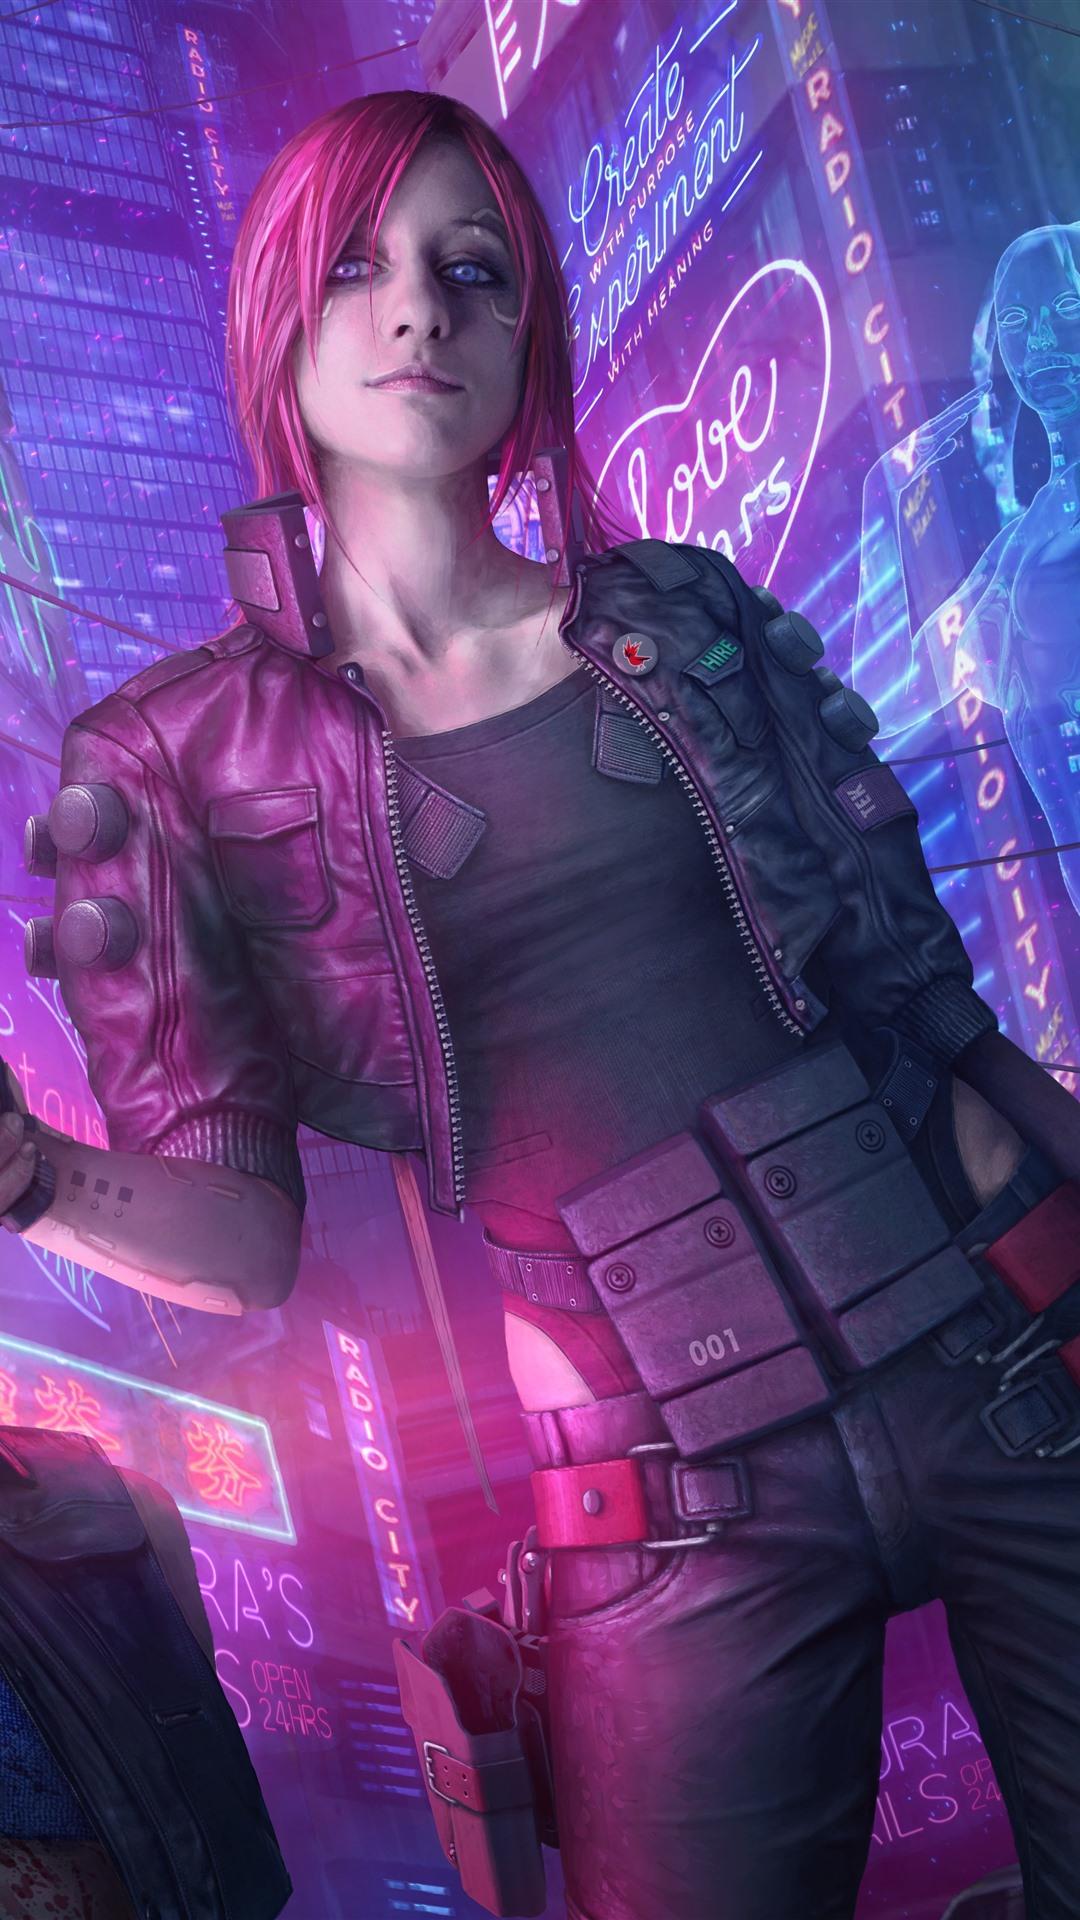 Iphone 4s Car Wallpaper Wallpaper Cyberpunk 2077 Pink Hair Girl Gun City